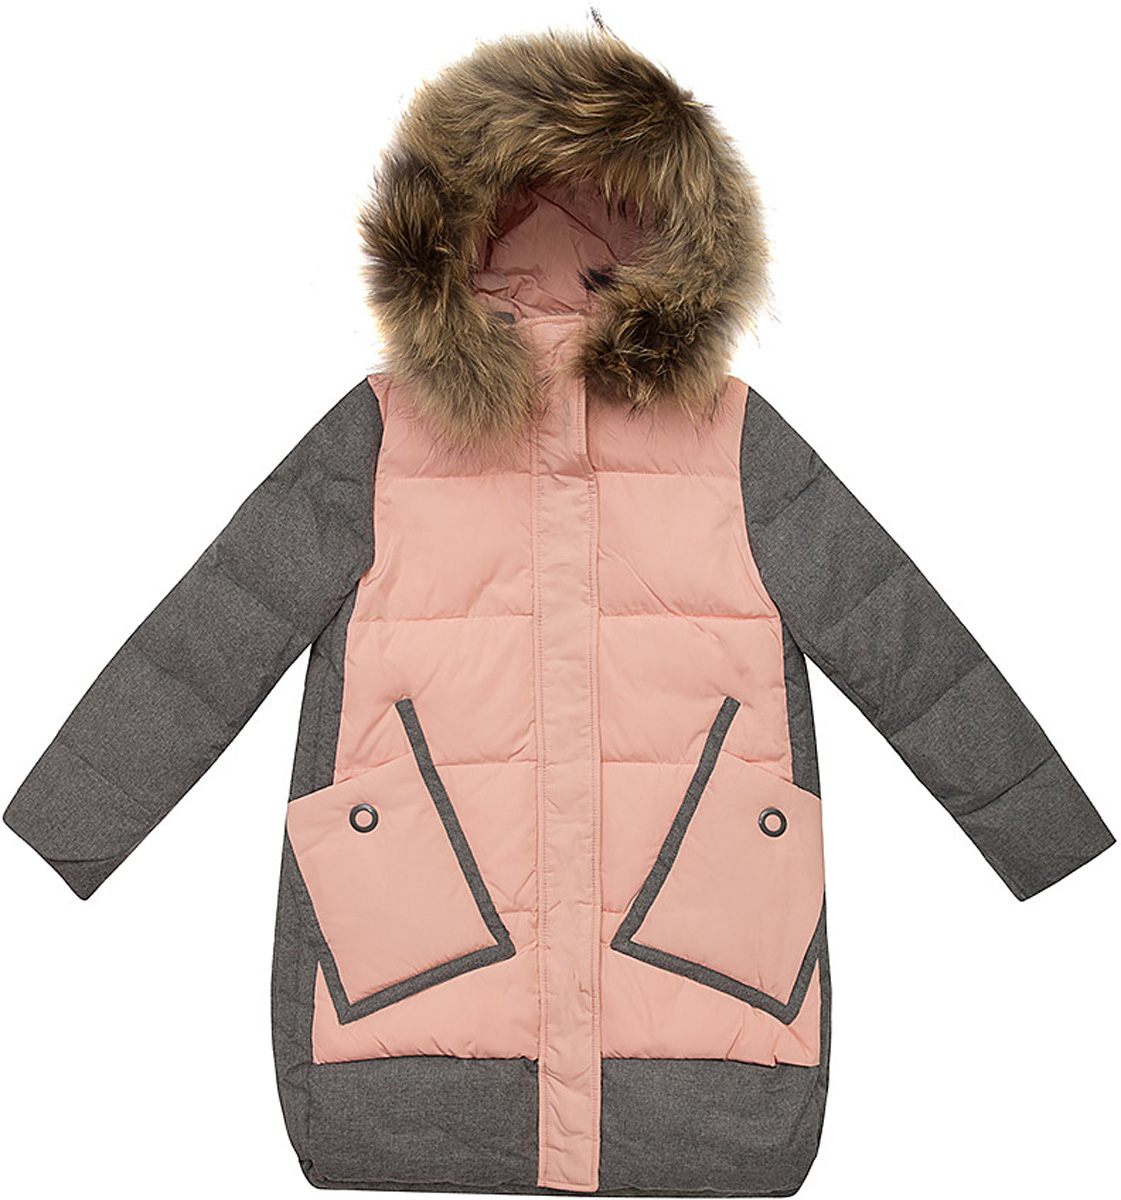 Куртка для девочки Vitacci, цвет: пудровый. 2171461-48. Размер 1302171461-48Куртка для девочки удлиненная. Капюшон съемный, отделка из натурального меха. Подкладка утеплена флисом по спинке. Наполнитель БИО ПУХ. Температурный режим от -10°С до -25°С